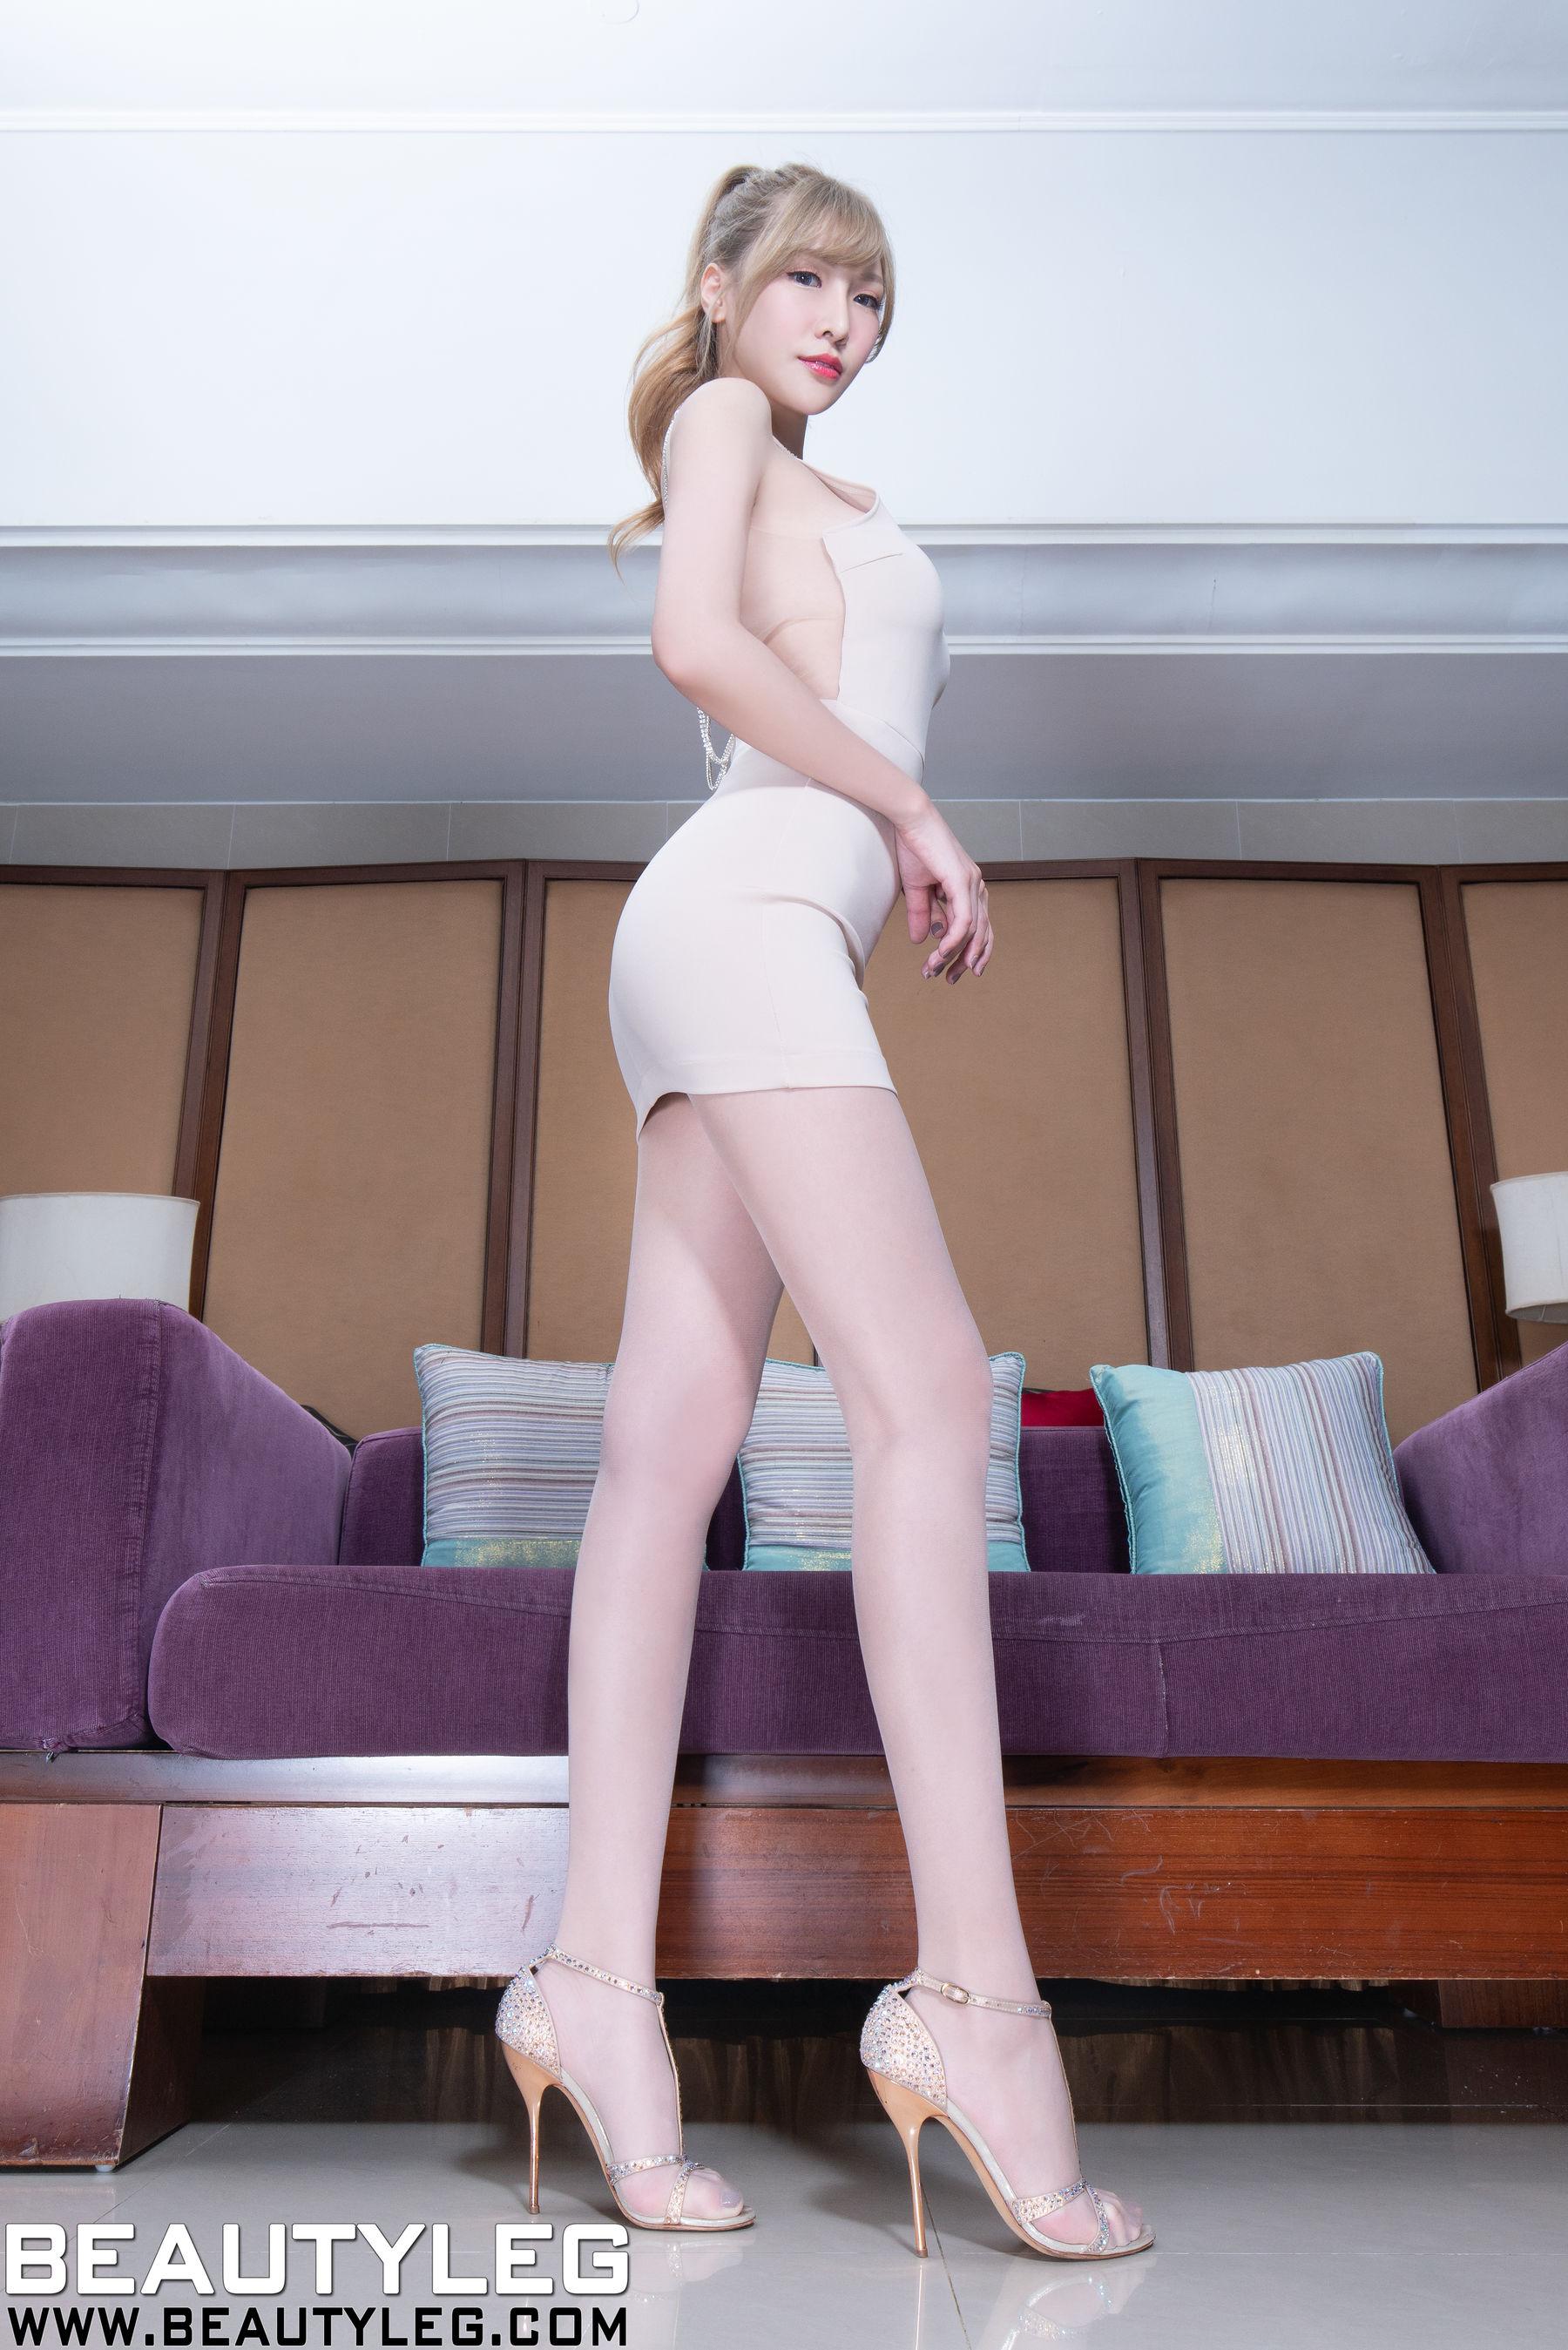 VOL.328 [Beautyleg]高跟长腿美女:李小星(Beautyleg腿模Xin)超高清个人性感漂亮大图(49P)